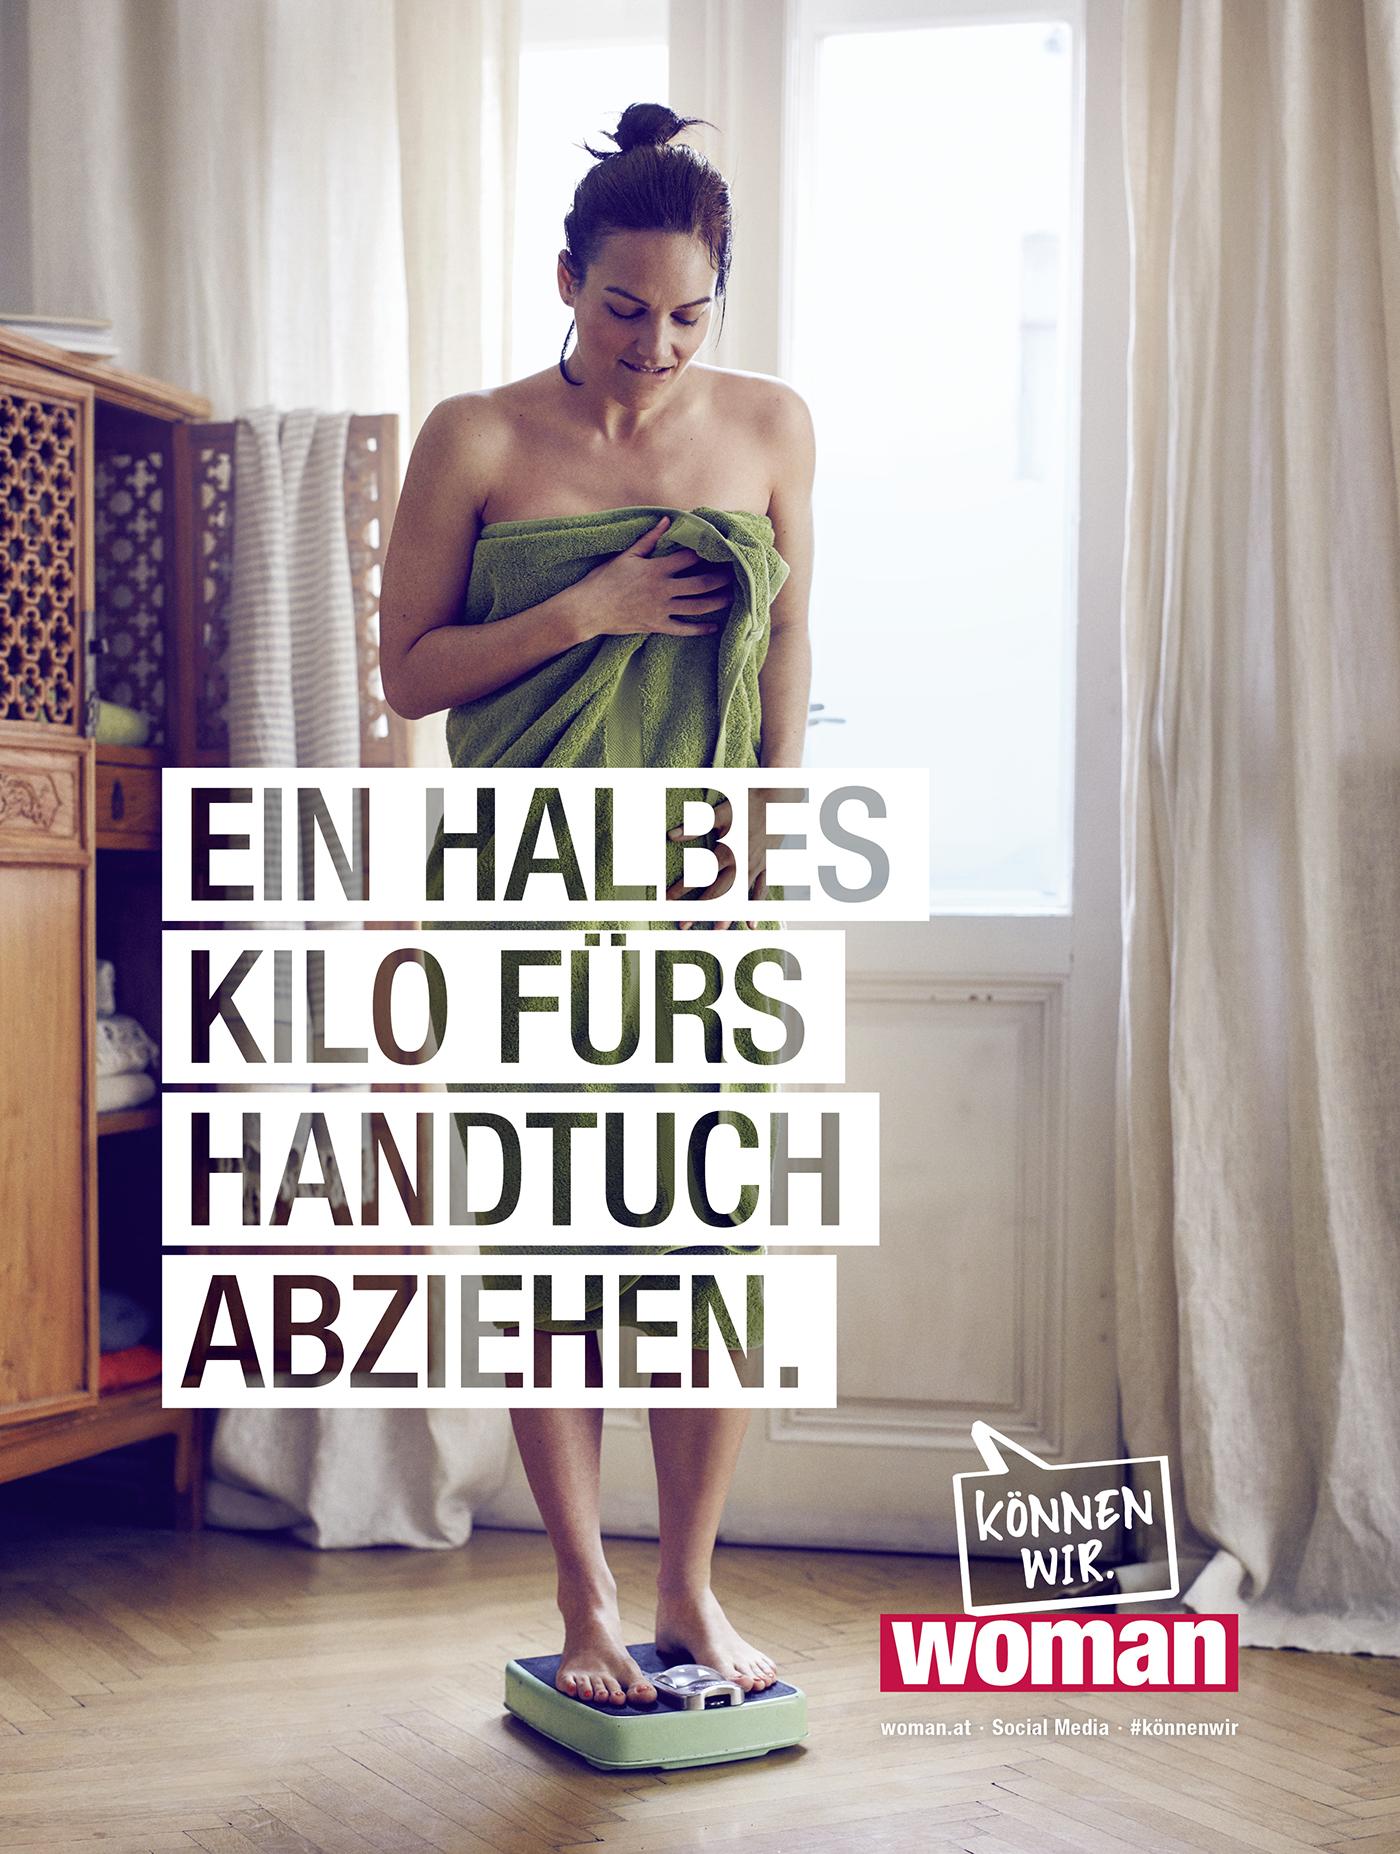 Woman-IMAGEkoennenwir-Print-Handtuch